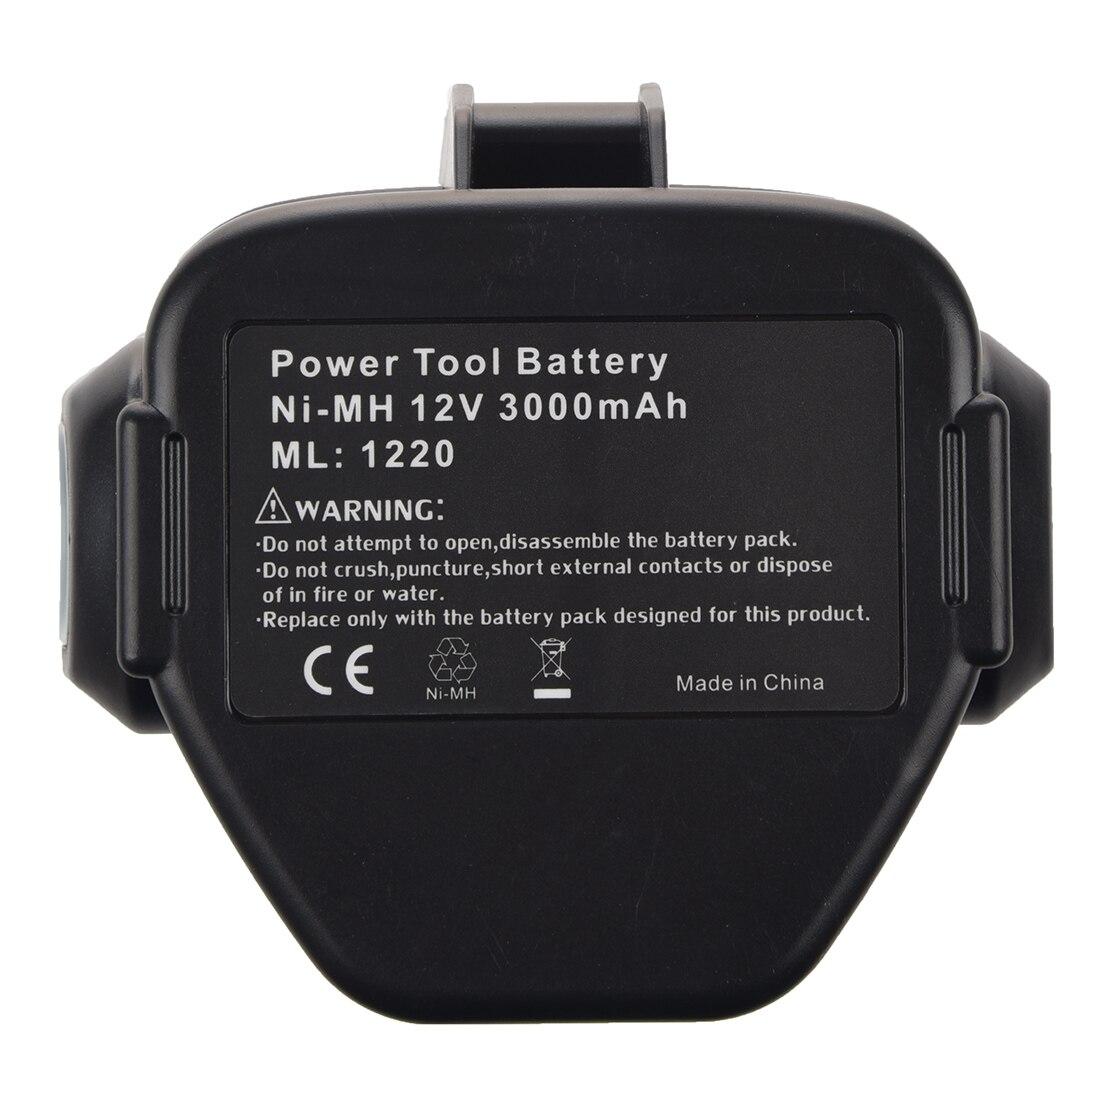 Nouvelle batterie 12 volts Ni-MH pour MAKITA 3.0 Ah 1233 1234 noir et grisNouvelle batterie 12 volts Ni-MH pour MAKITA 3.0 Ah 1233 1234 noir et gris